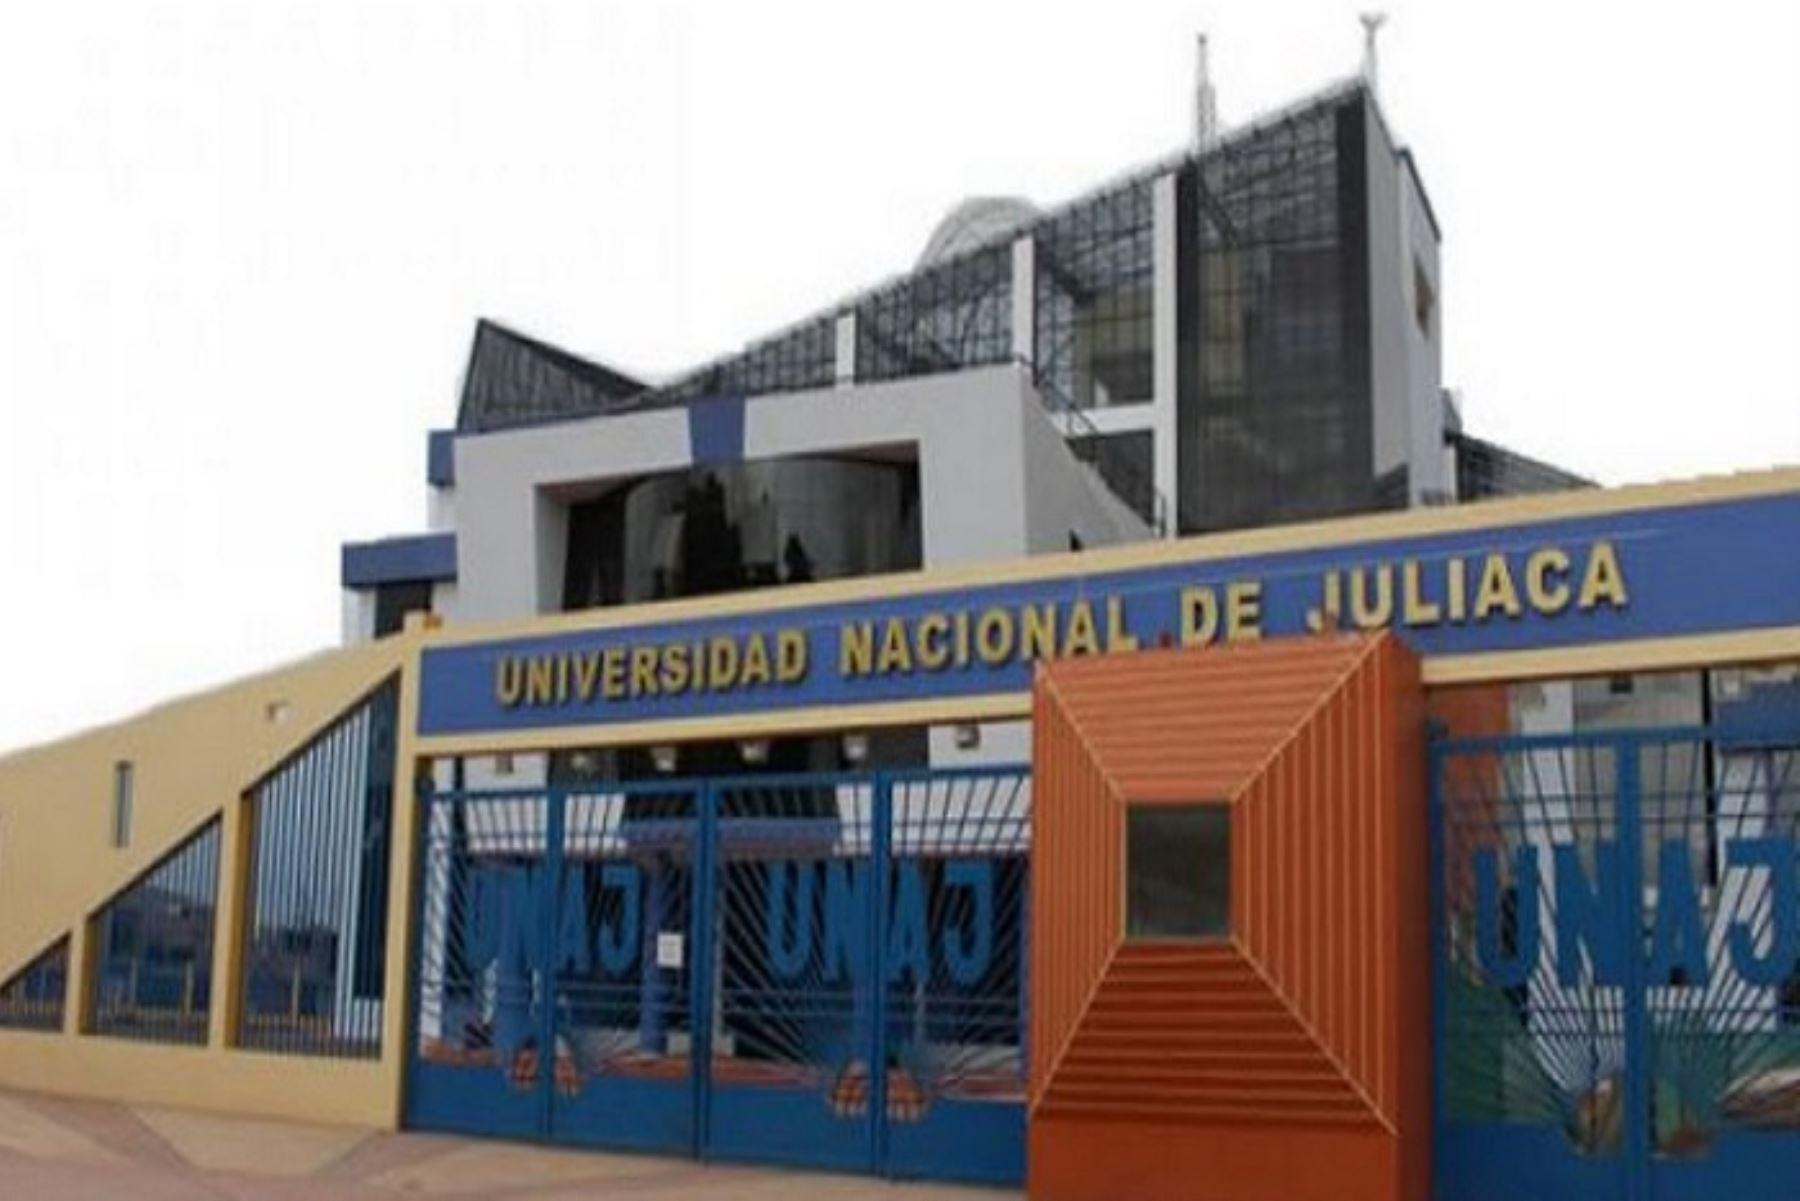 La Superintendencia Nacional de Educación Superior Universitaria (Sunedu) otorgó a la Universidad Nacional de Juliaca (UNAJ) la licencia Institucional para ofrecer el servicio educativo superior universitario en el país, con una vigencia de 6 años.